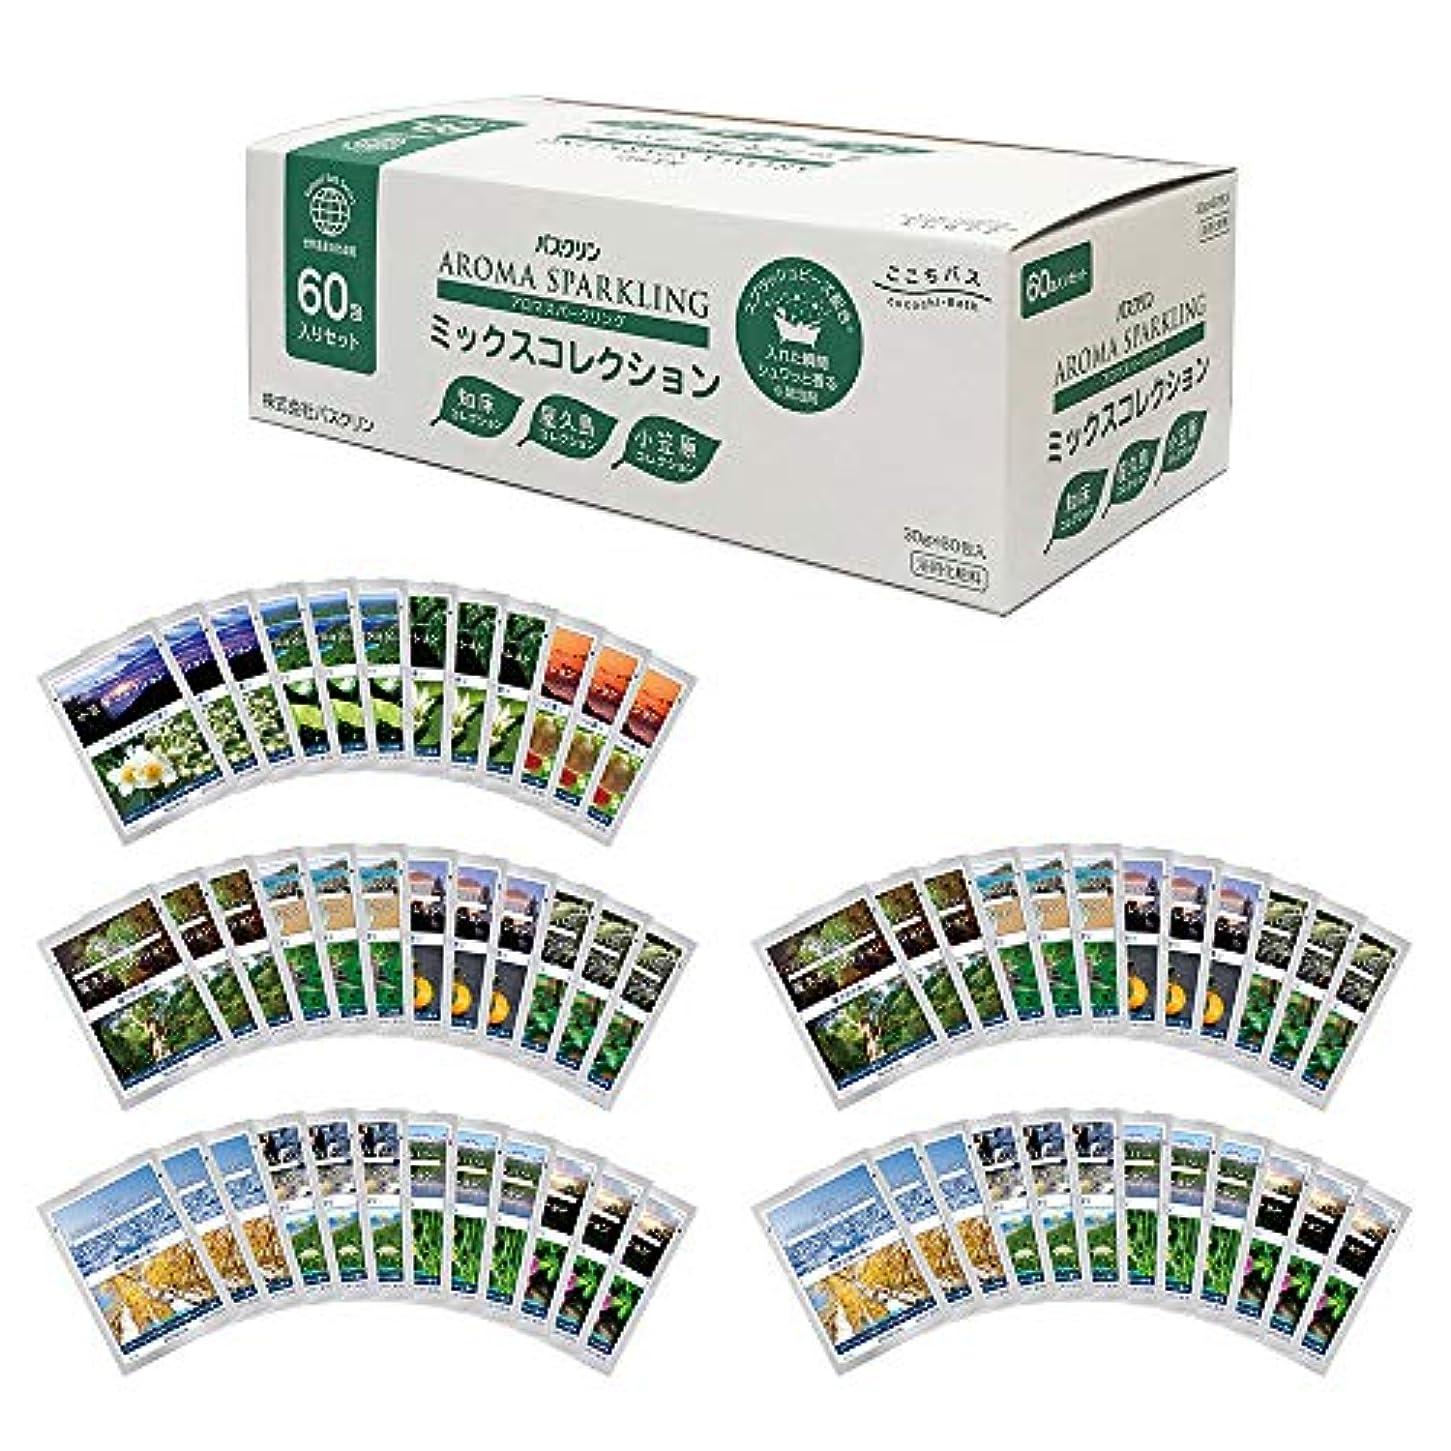 ガイドバングラデシュ格差[Amazon限定ブランド] ここちバス バスクリン 入浴剤  アロマスパークリング ミックスコレクション 60包入り 個包装 詰め合わせ